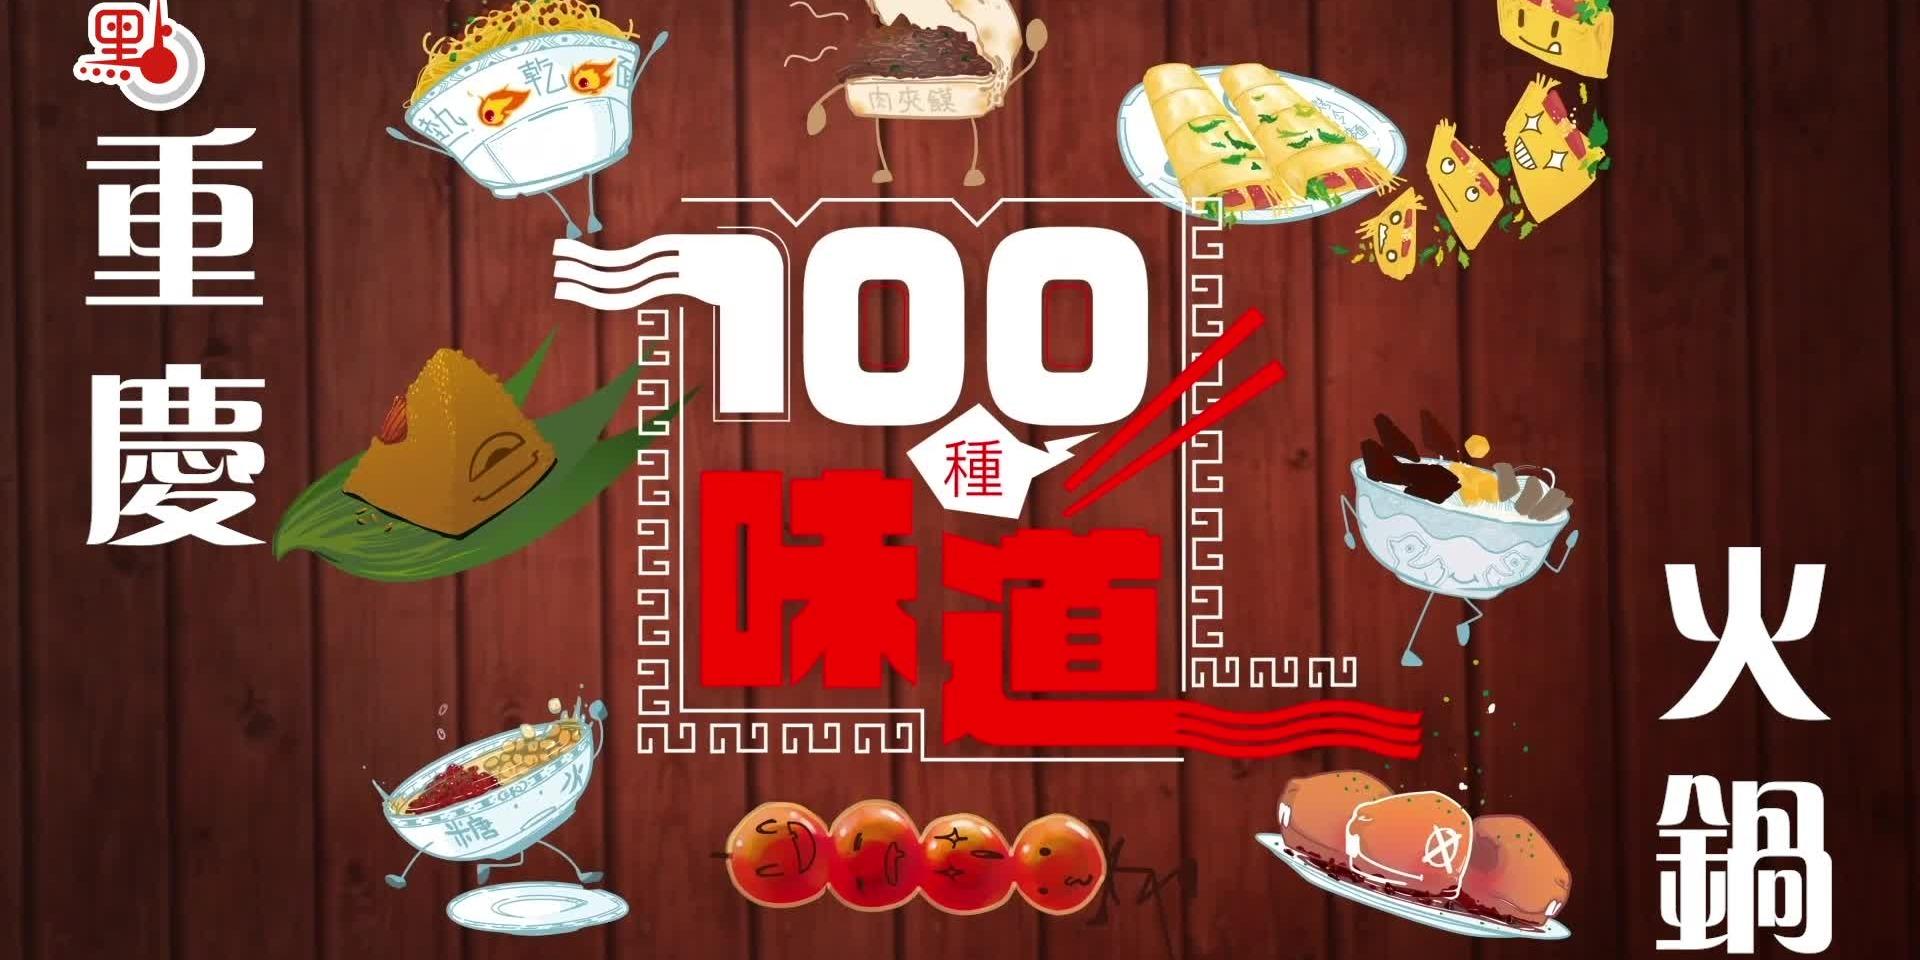 100種味道|「江湖氣」重慶火鍋 絕對不能錯過的麻辣鮮香